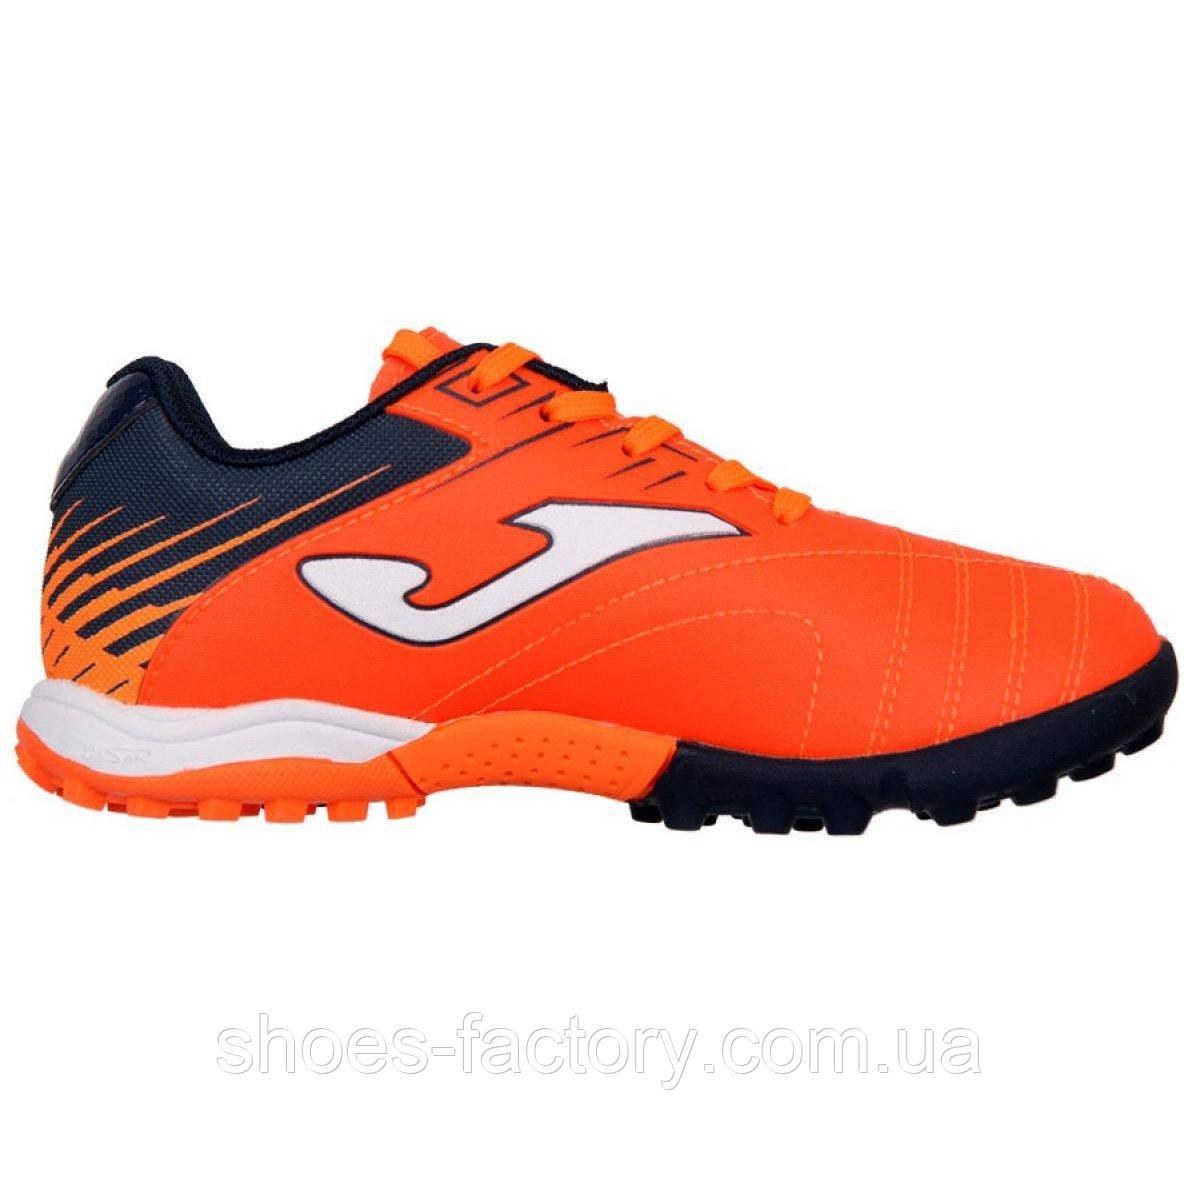 Футзальная обувь (Сороконожки) Joma TOLEDO JR 2008 Orange-Navy Turf, Оригинал